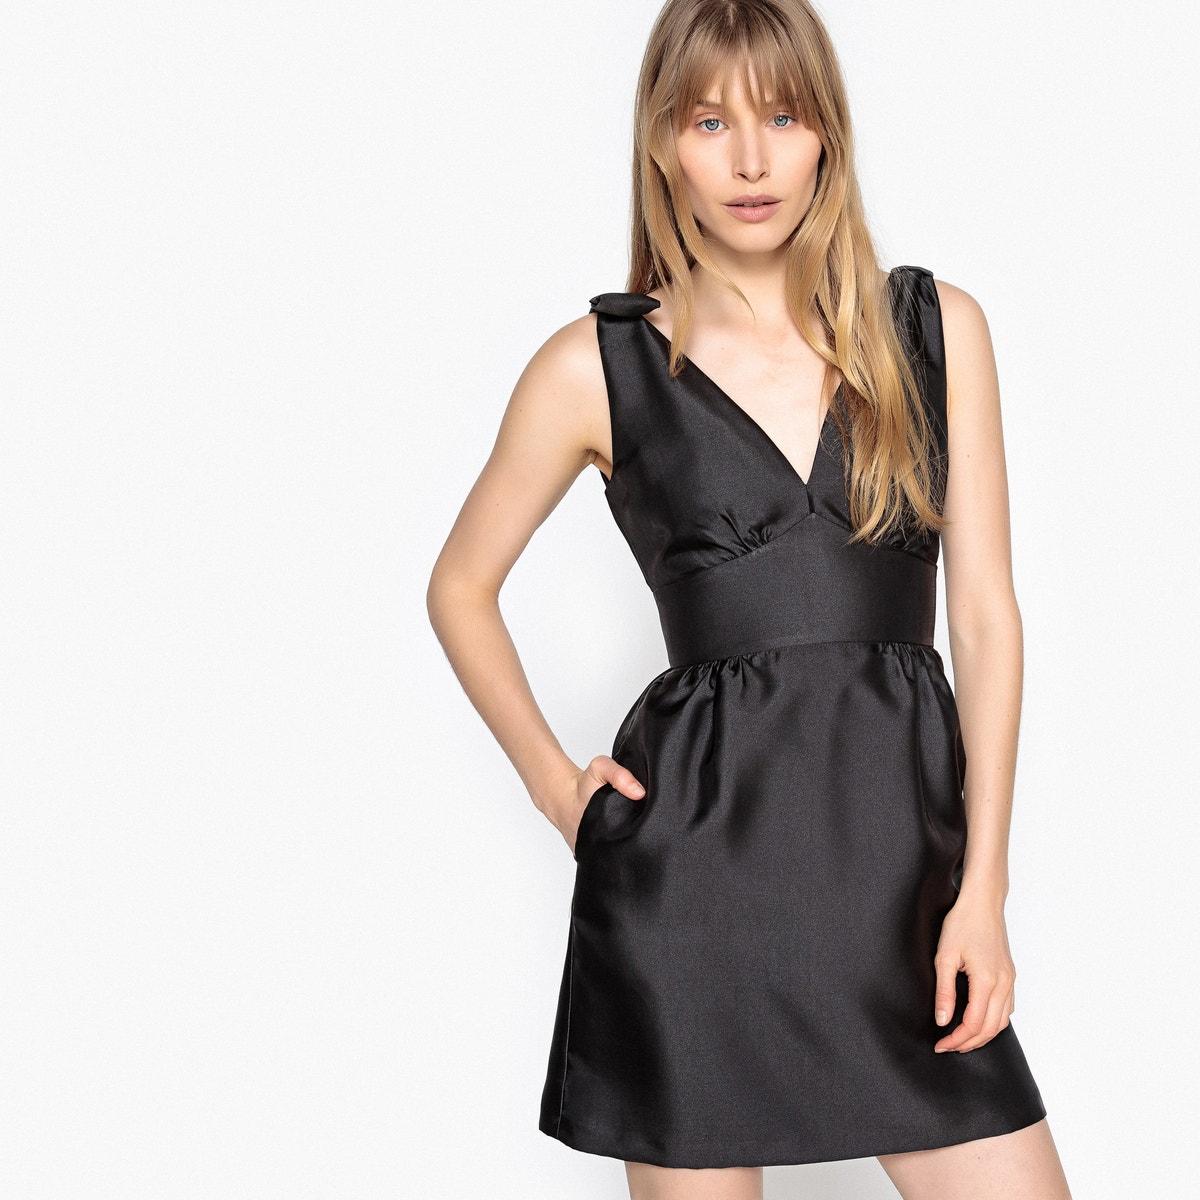 Φόρεμα με βαθύ V και φιόγκους γυναικα   φορέματα   αμάνικα